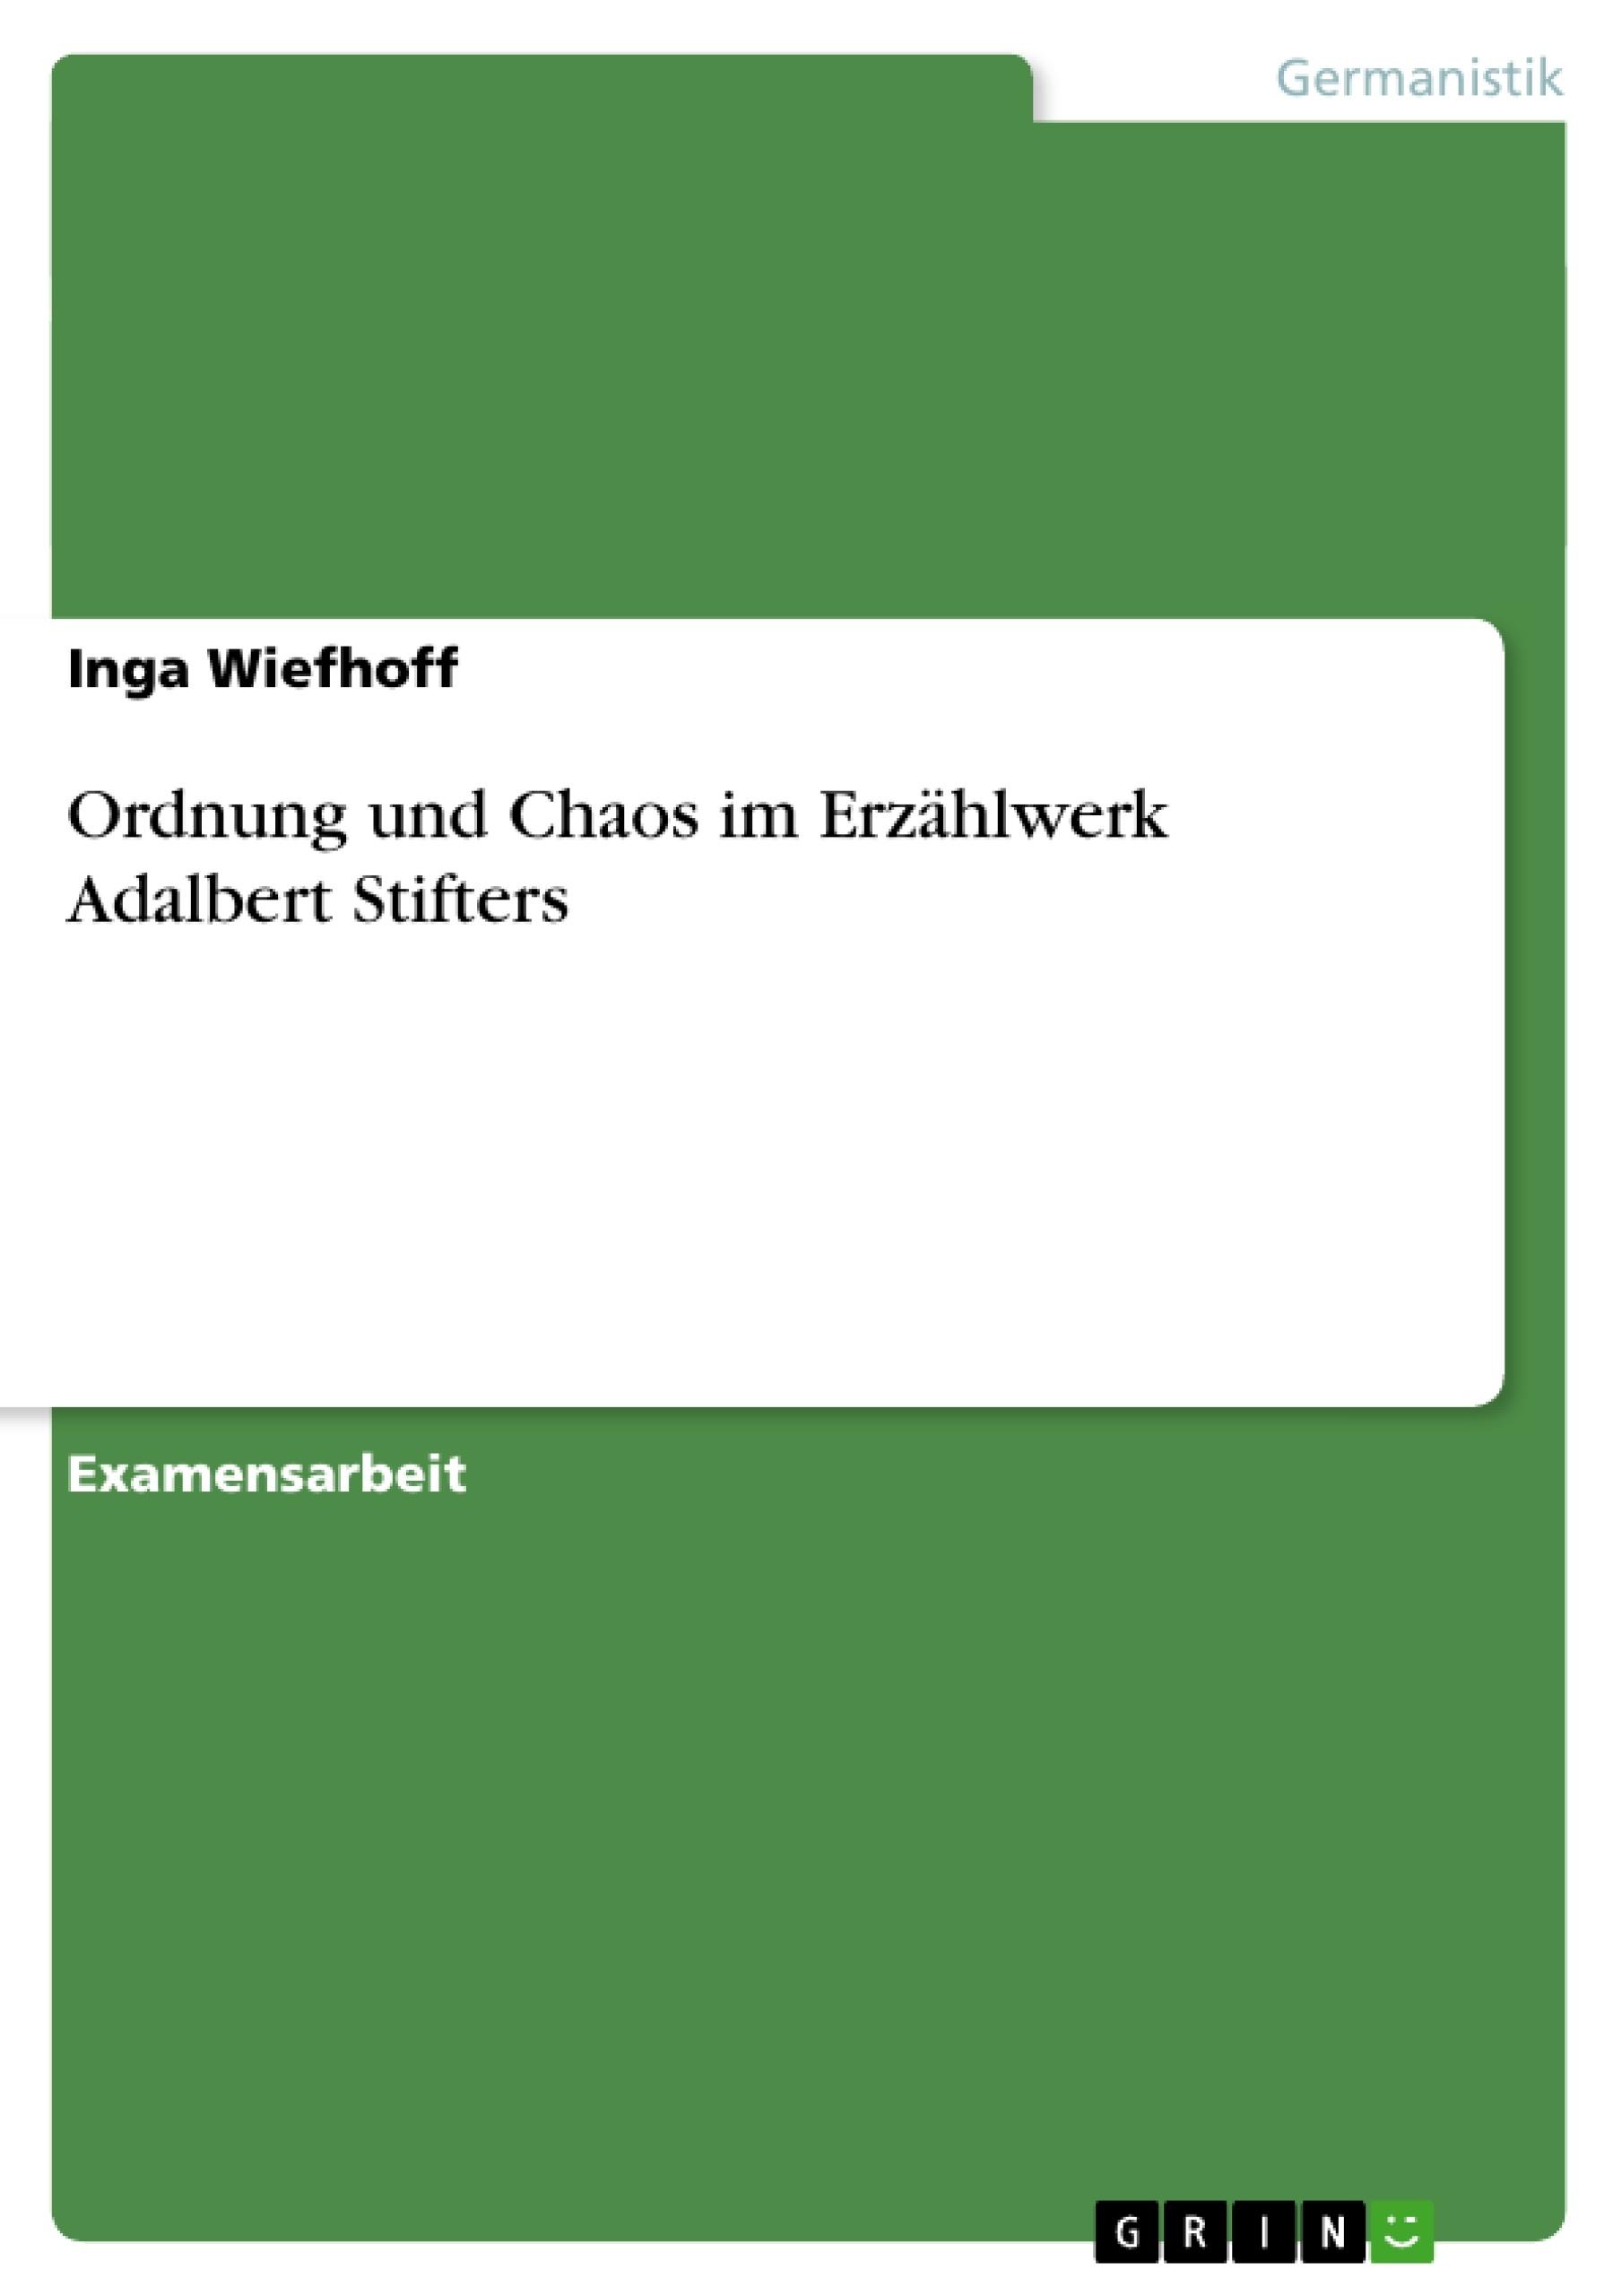 Titel: Ordnung und Chaos im Erzählwerk Adalbert Stifters